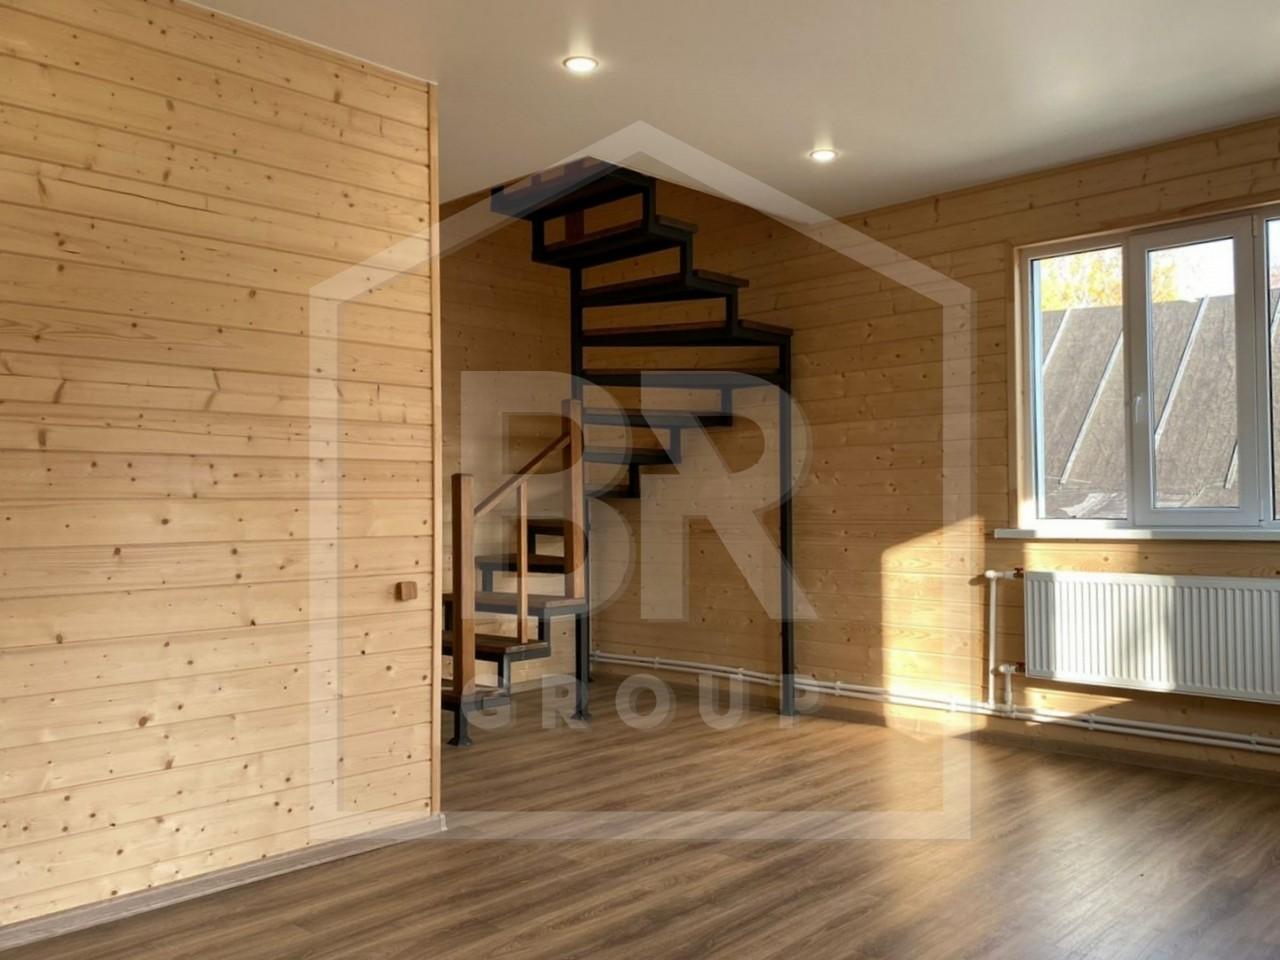 Продажа дома, 121м <sup>2</sup>, 4 сот., Сестрорецк, 1-й проезд,  13